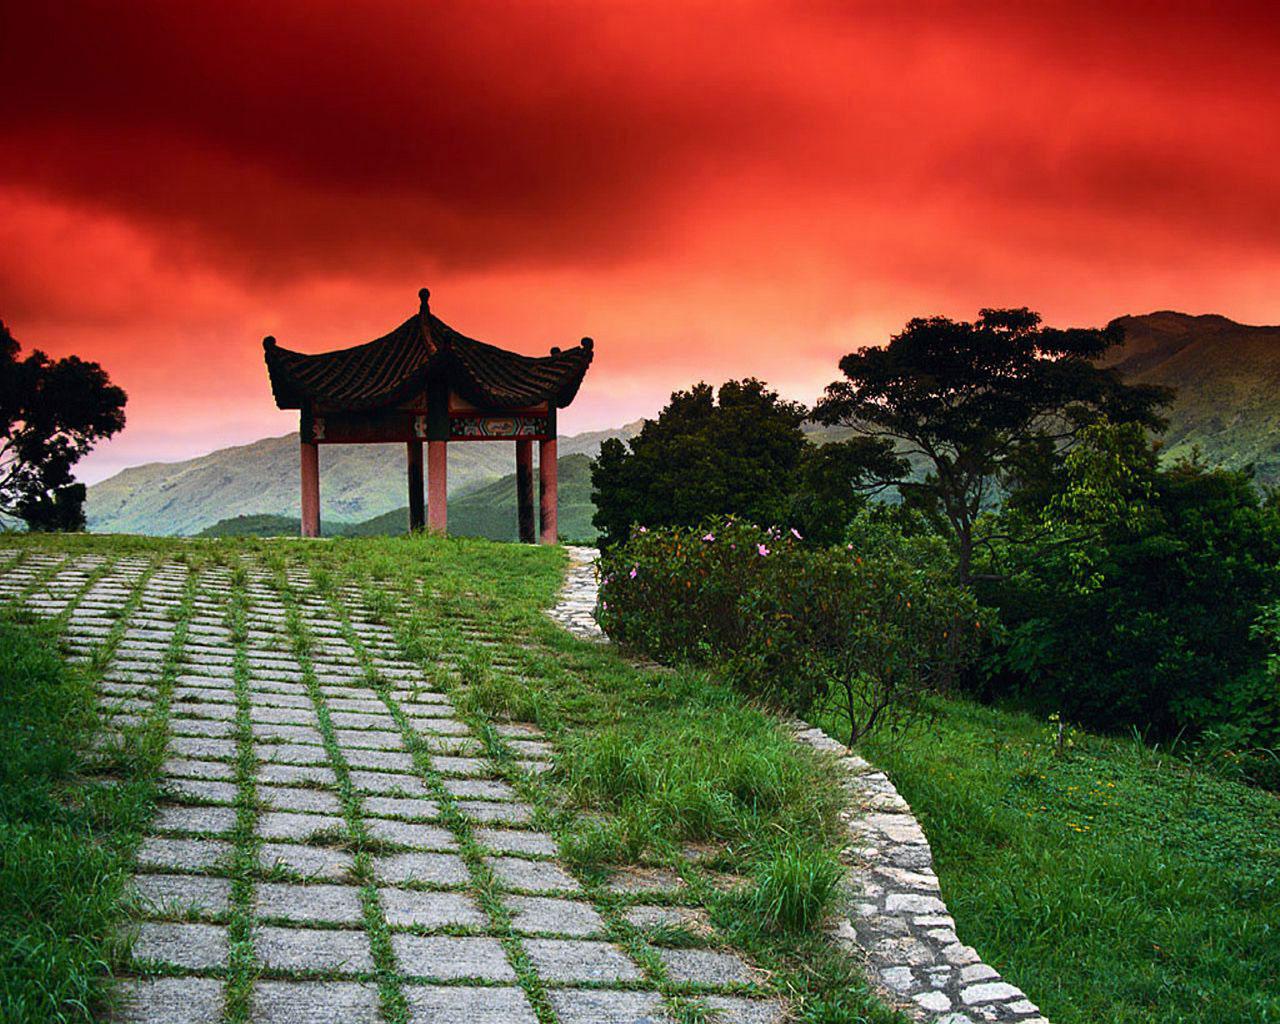 temple japan landscape wallpaper - photo #15